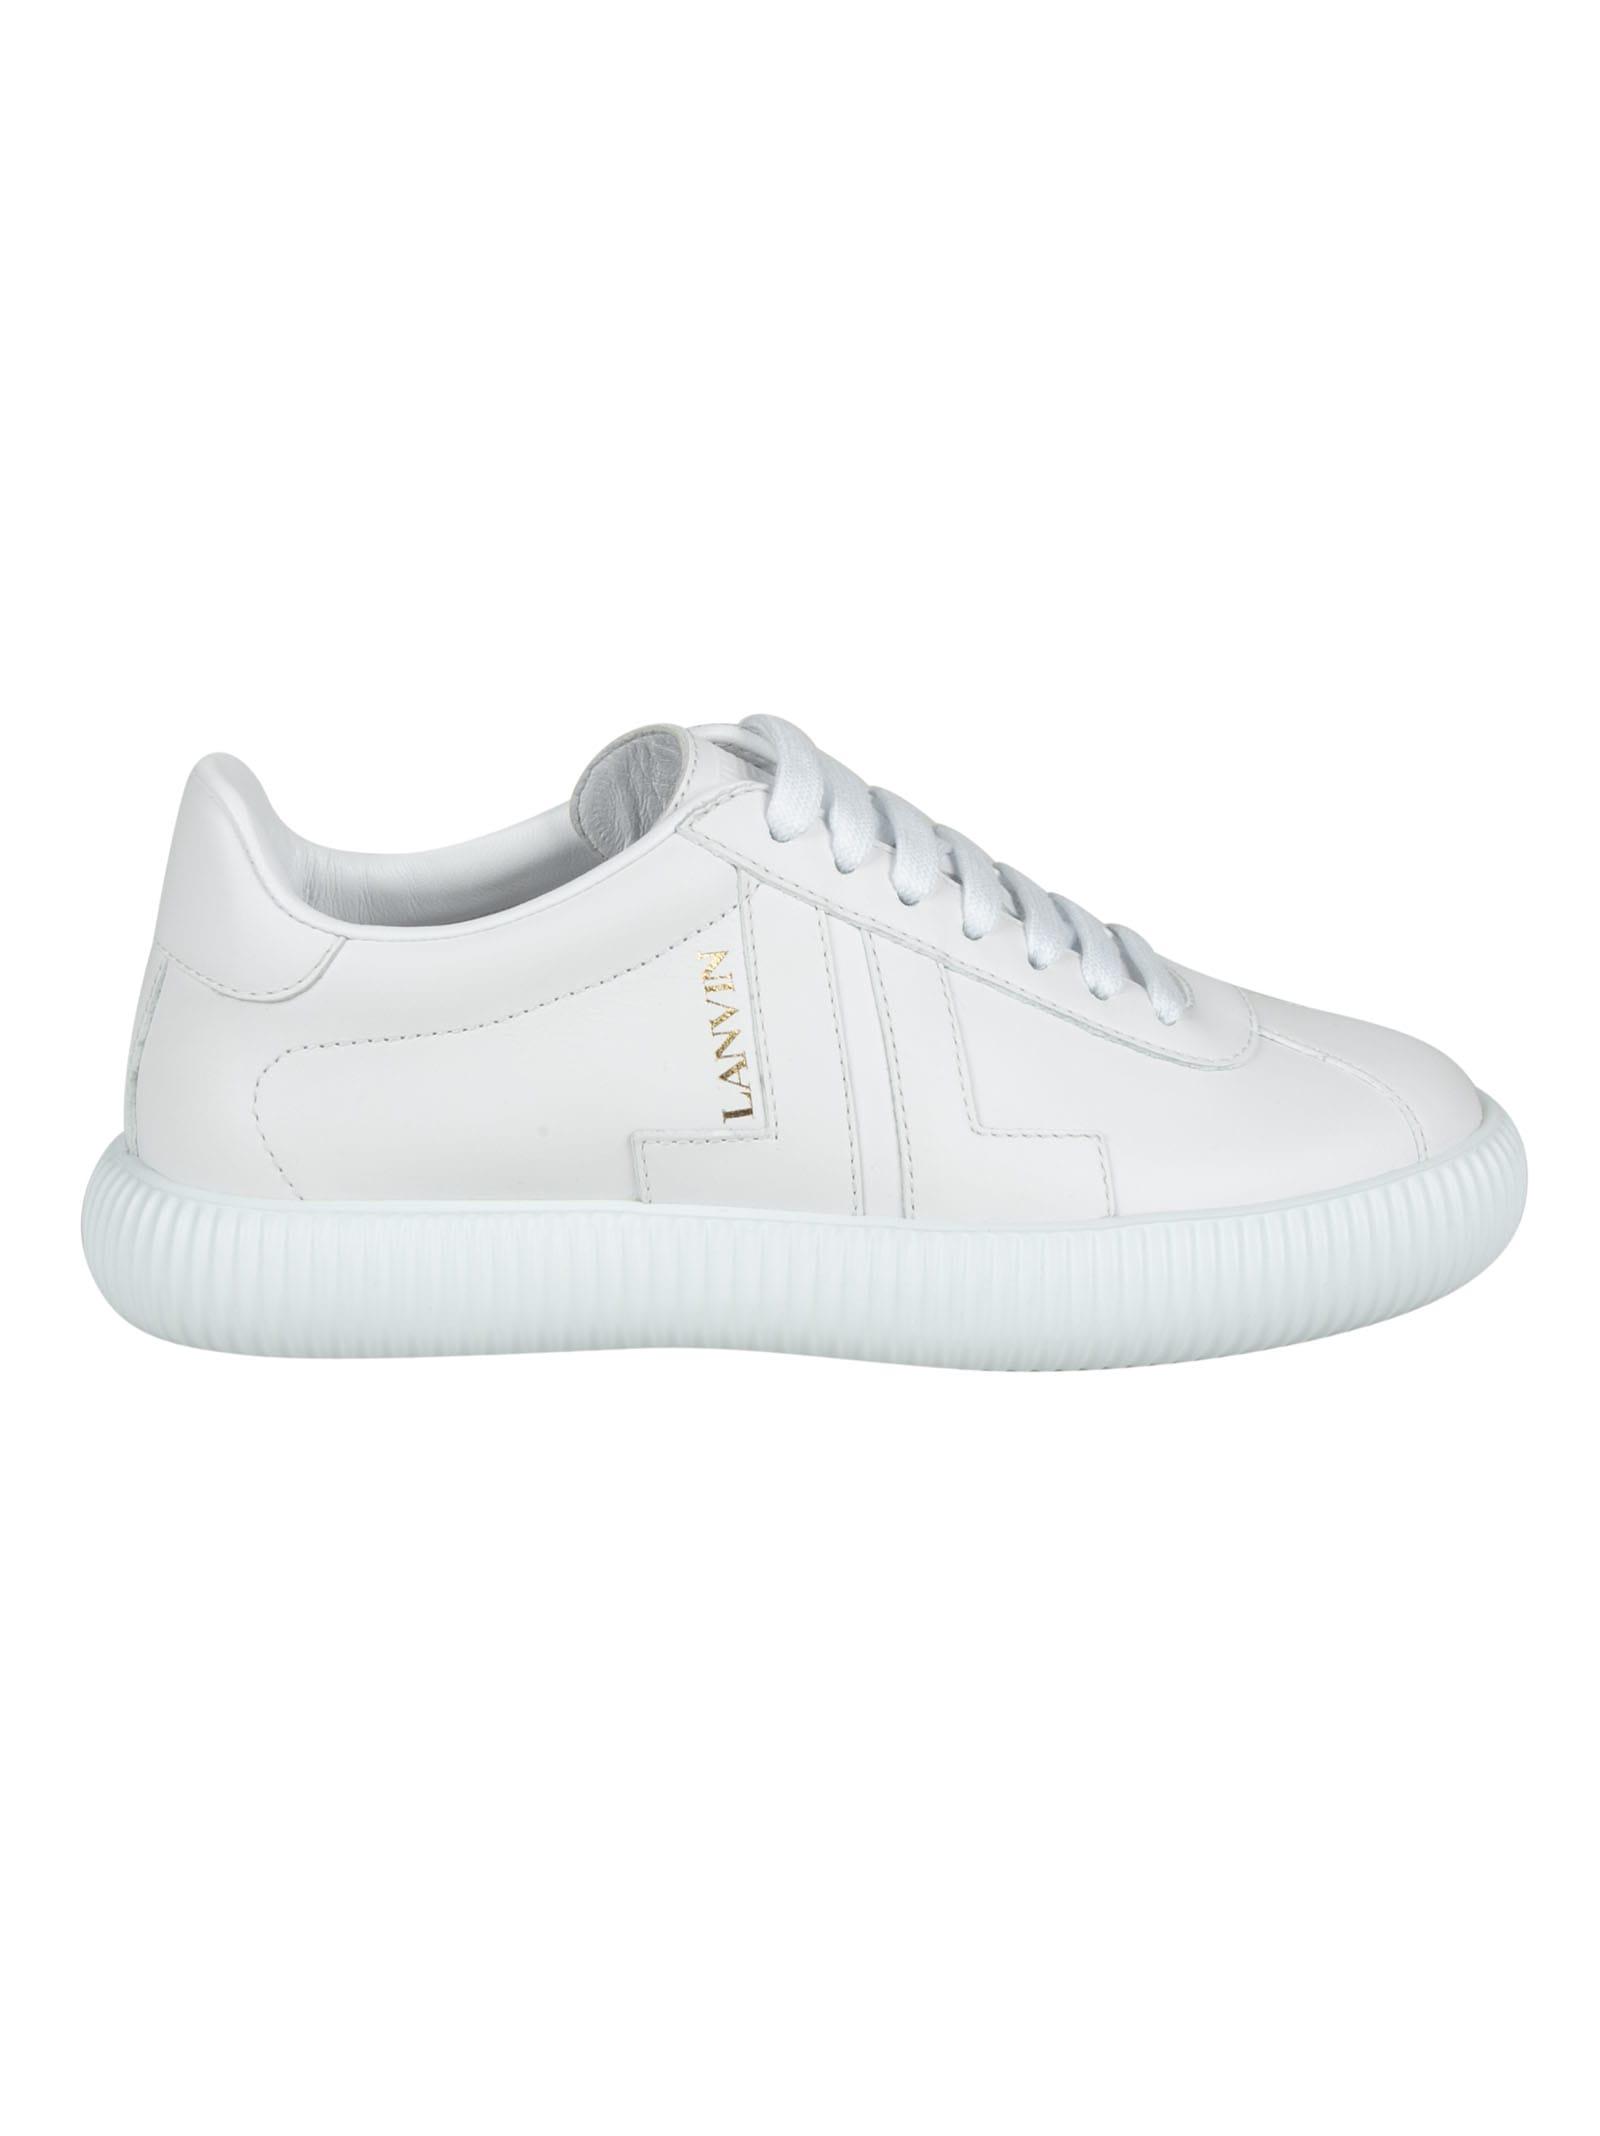 Golden Goose Super-star Penstar Classic Sneakers